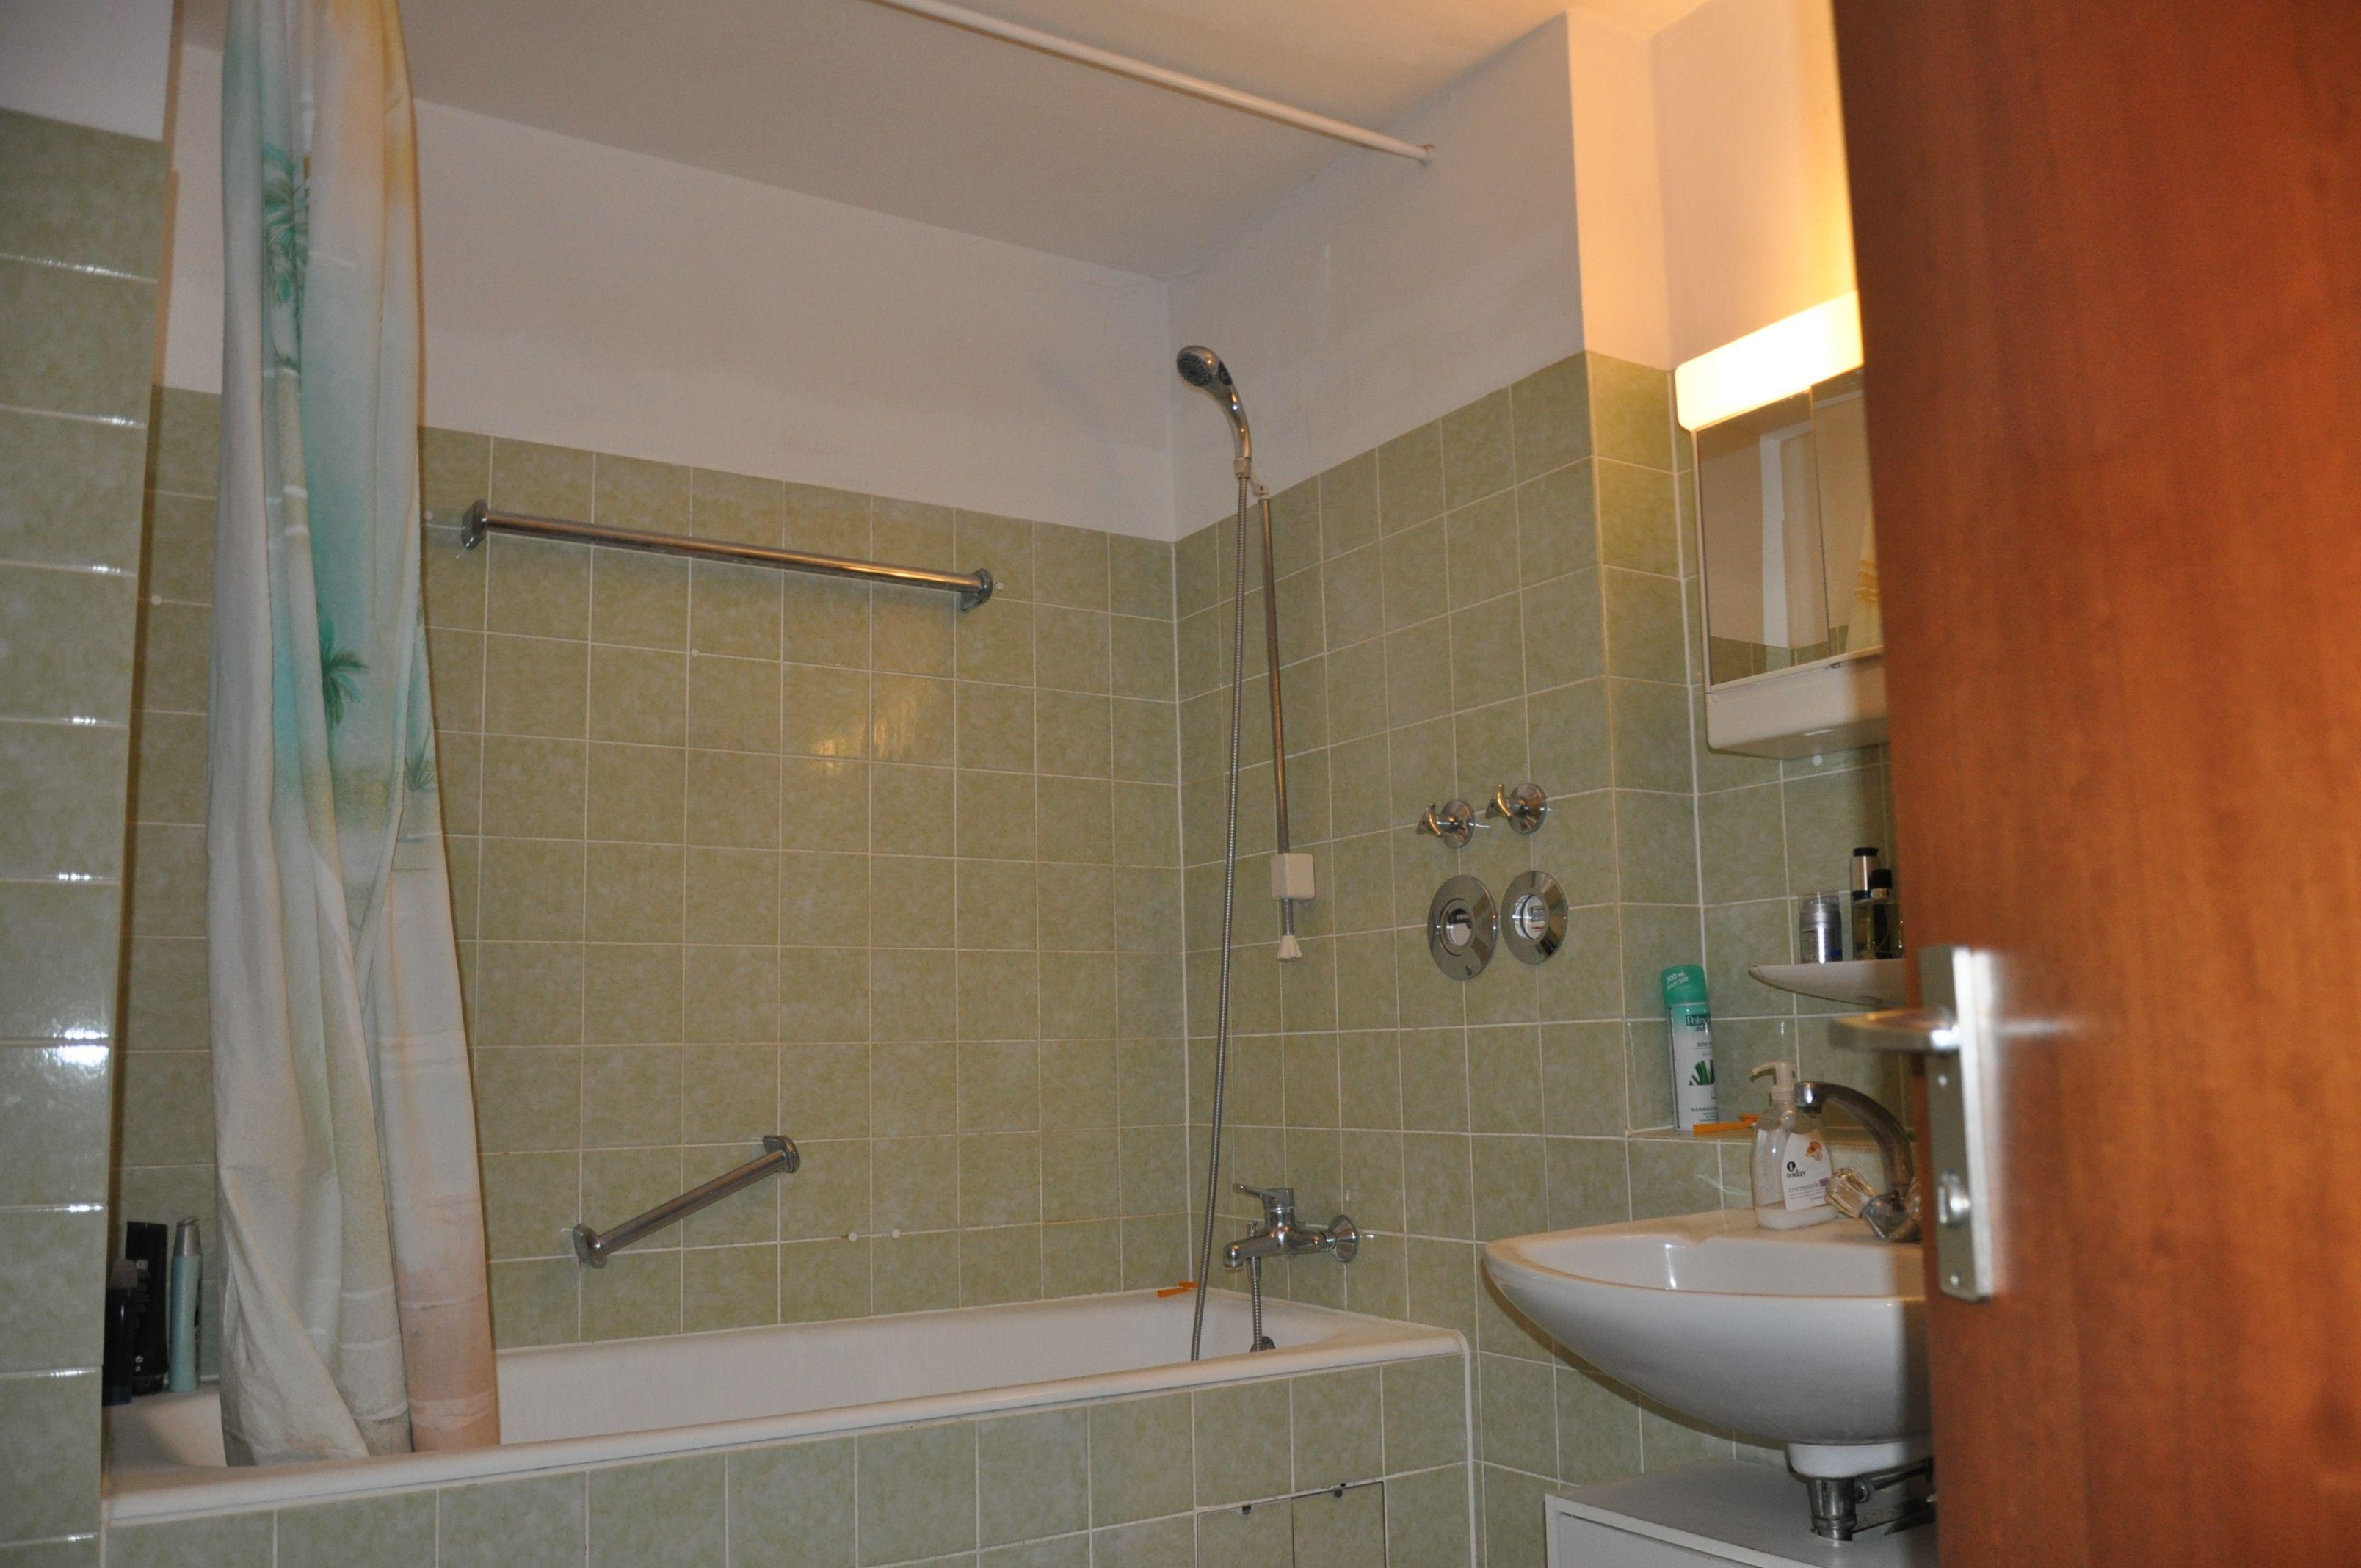 Tolle Kapitalanlage Bad Etagenwohnung Kapitalanlage 2 Zimmer Wohnung